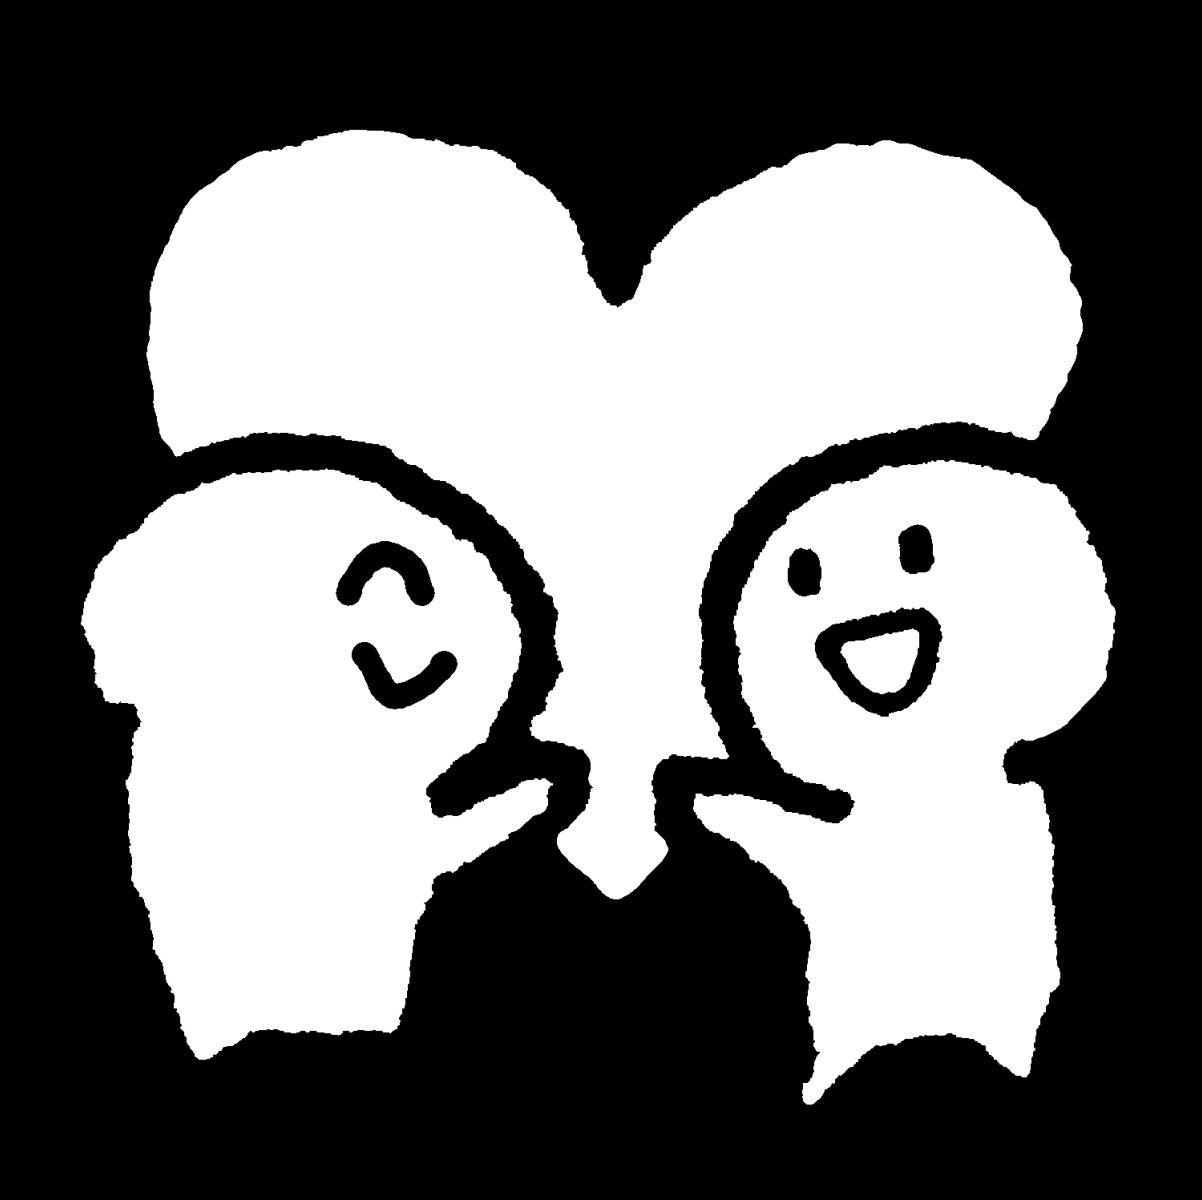 ハートを二人で持つのイラスト / We both have hearts. Illustration